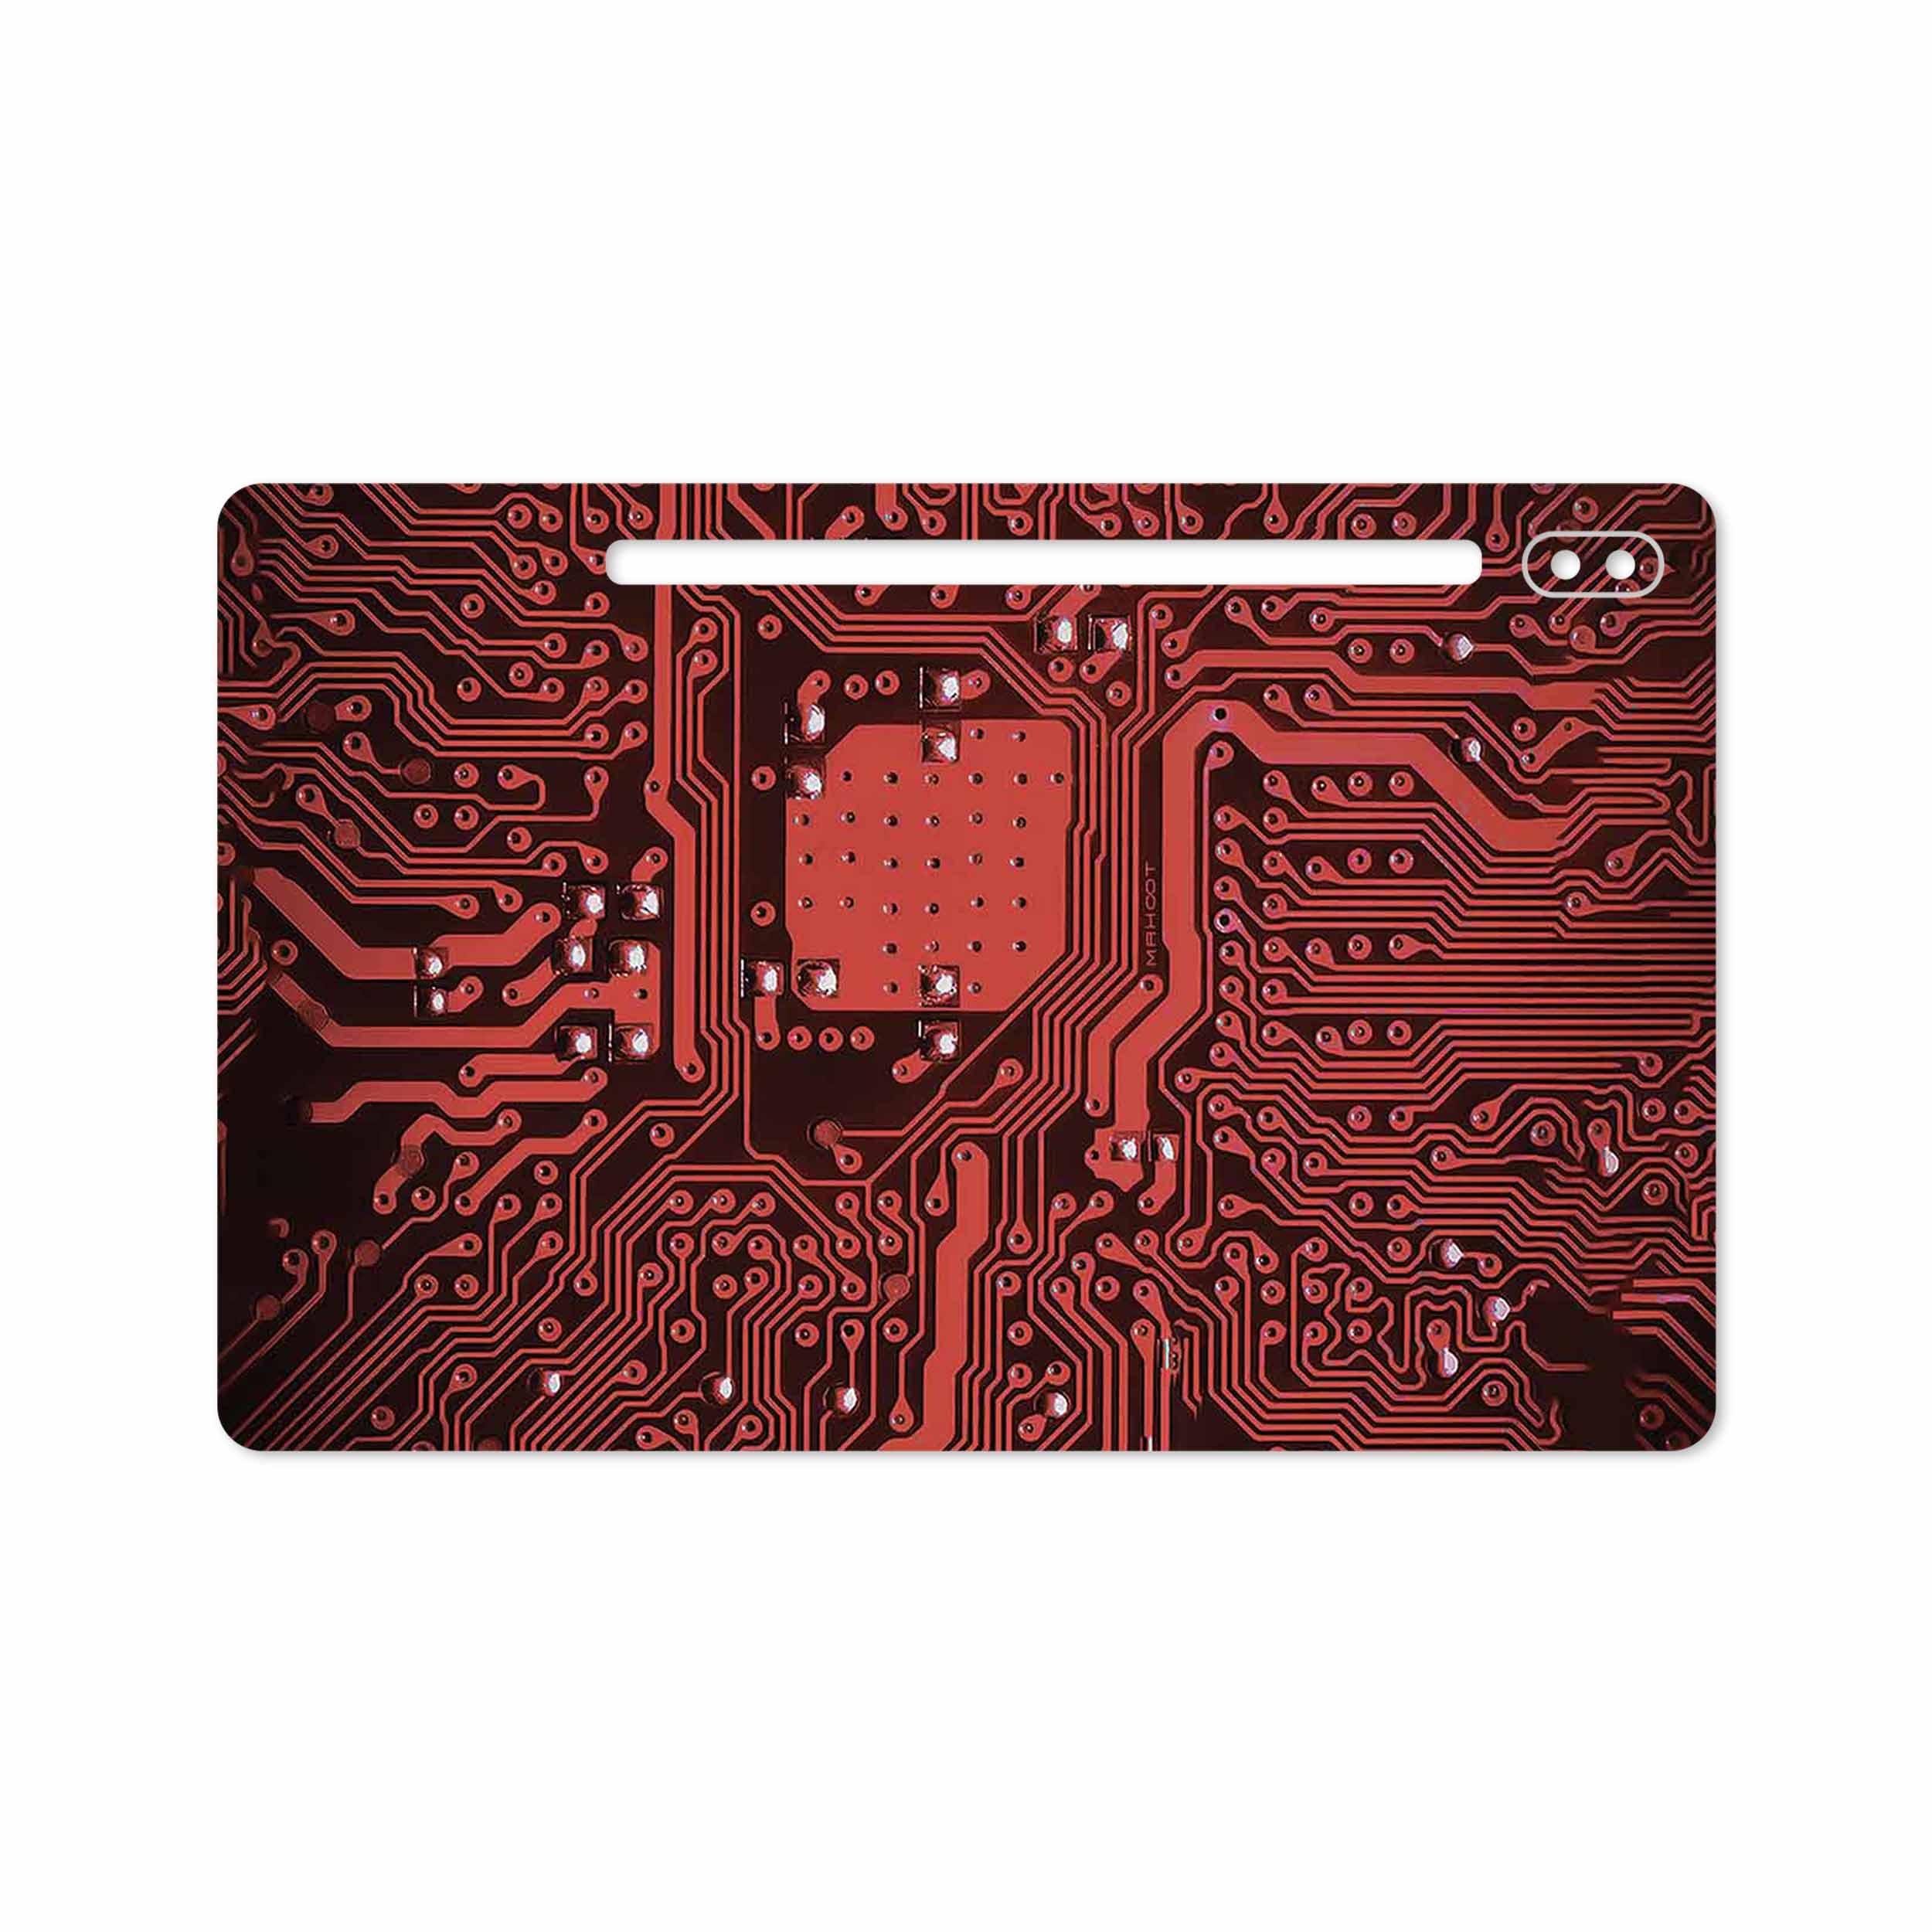 بررسی و خرید [با تخفیف]                                     برچسب پوششی ماهوت مدل Red Printed Circuit Board مناسب برای تبلت سامسونگ Galaxy Tab S6 2019 SM-T860                             اورجینال